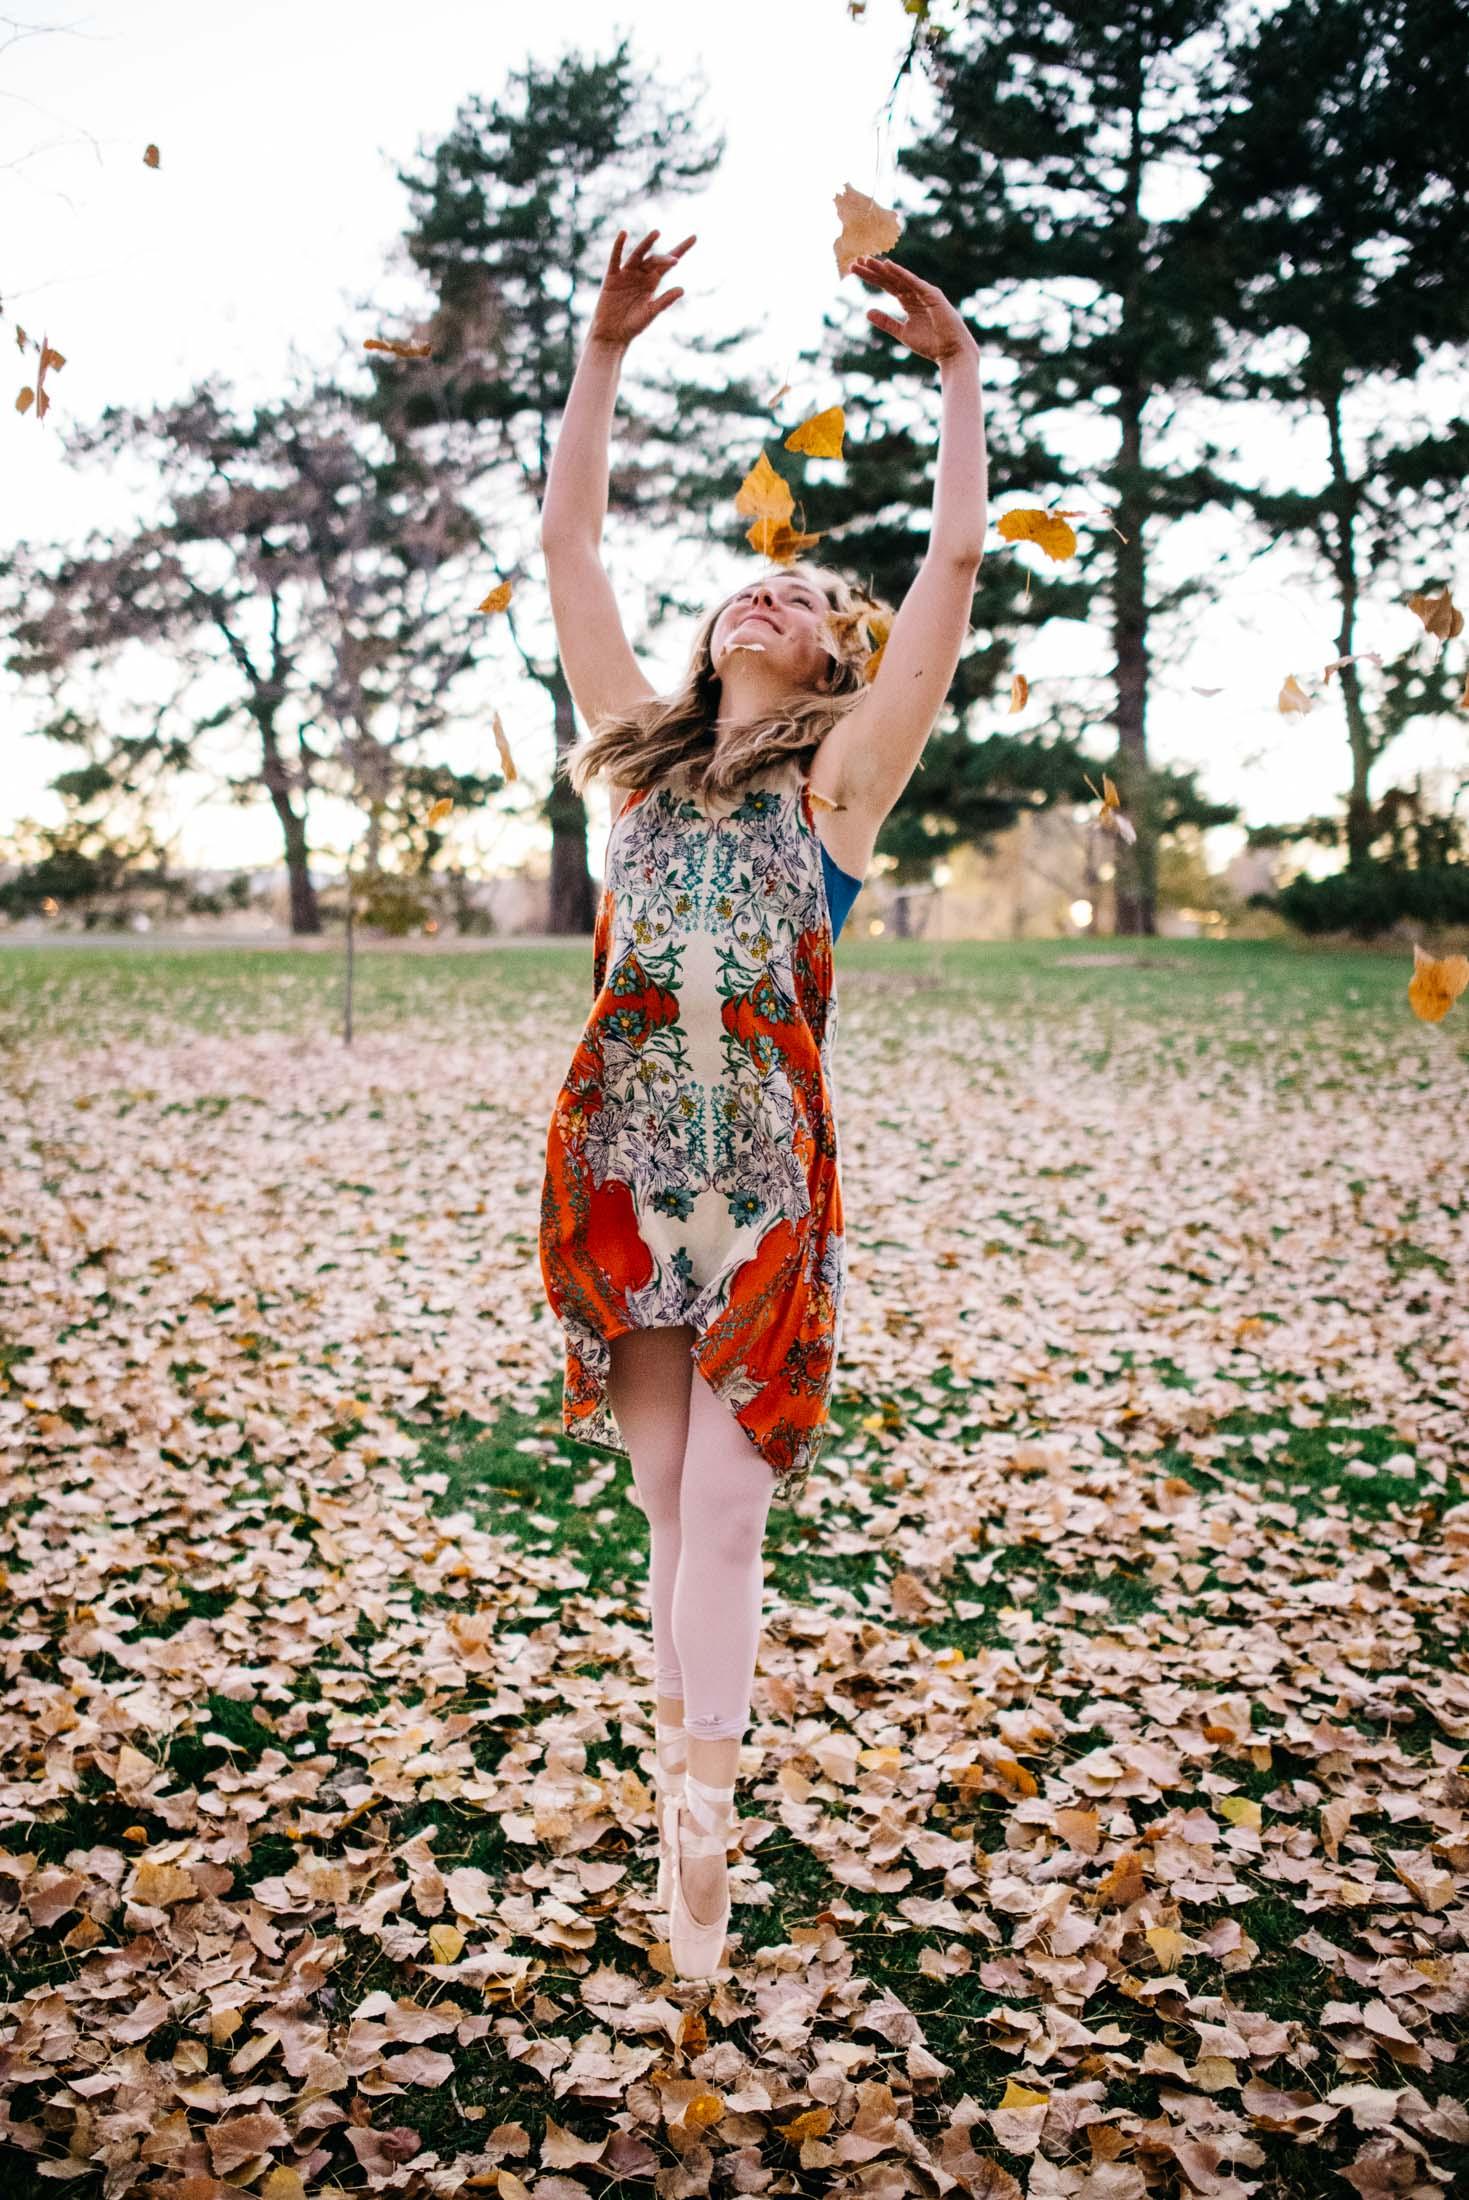 denver-dance-photographer-ballet-photographer-chloe-2017-319.jpg